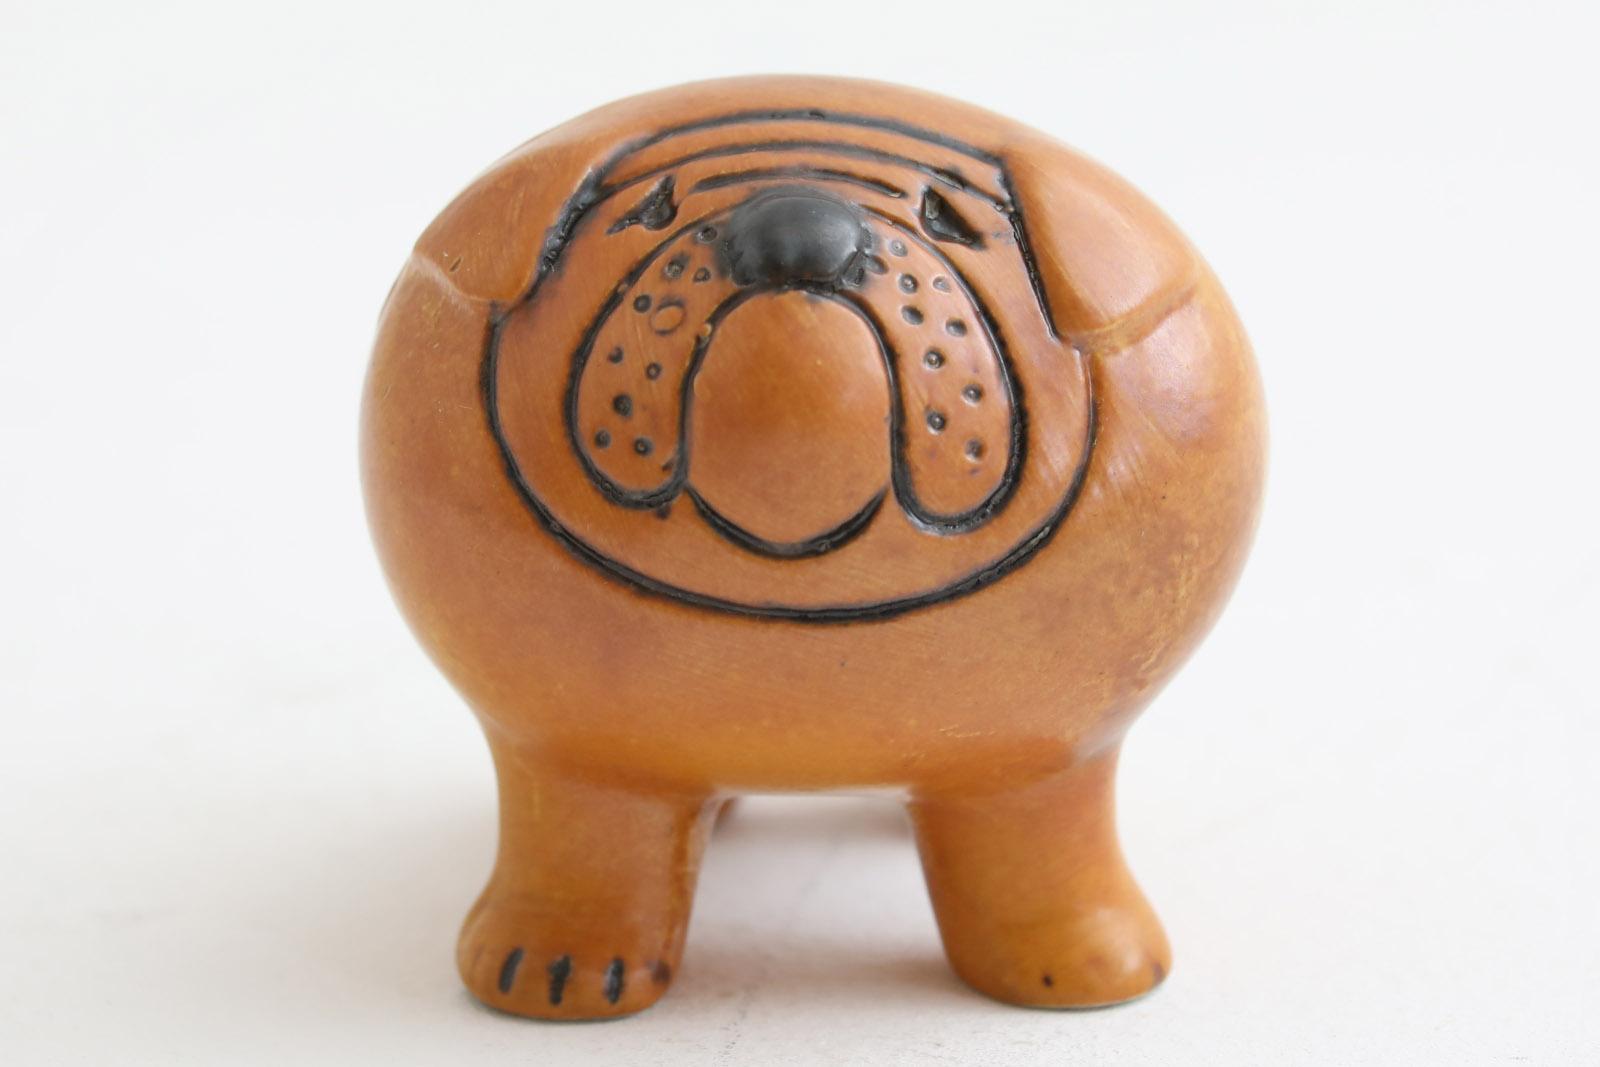 Lisa Larson リサ ラーソン KENNEL 動物 Bulldog Mini 小さなブルドッグ【北欧雑貨 ビンテージ雑貨 アンティーク品 LisaLarson リサラーソン Gustavsberg グスタフスベリ】